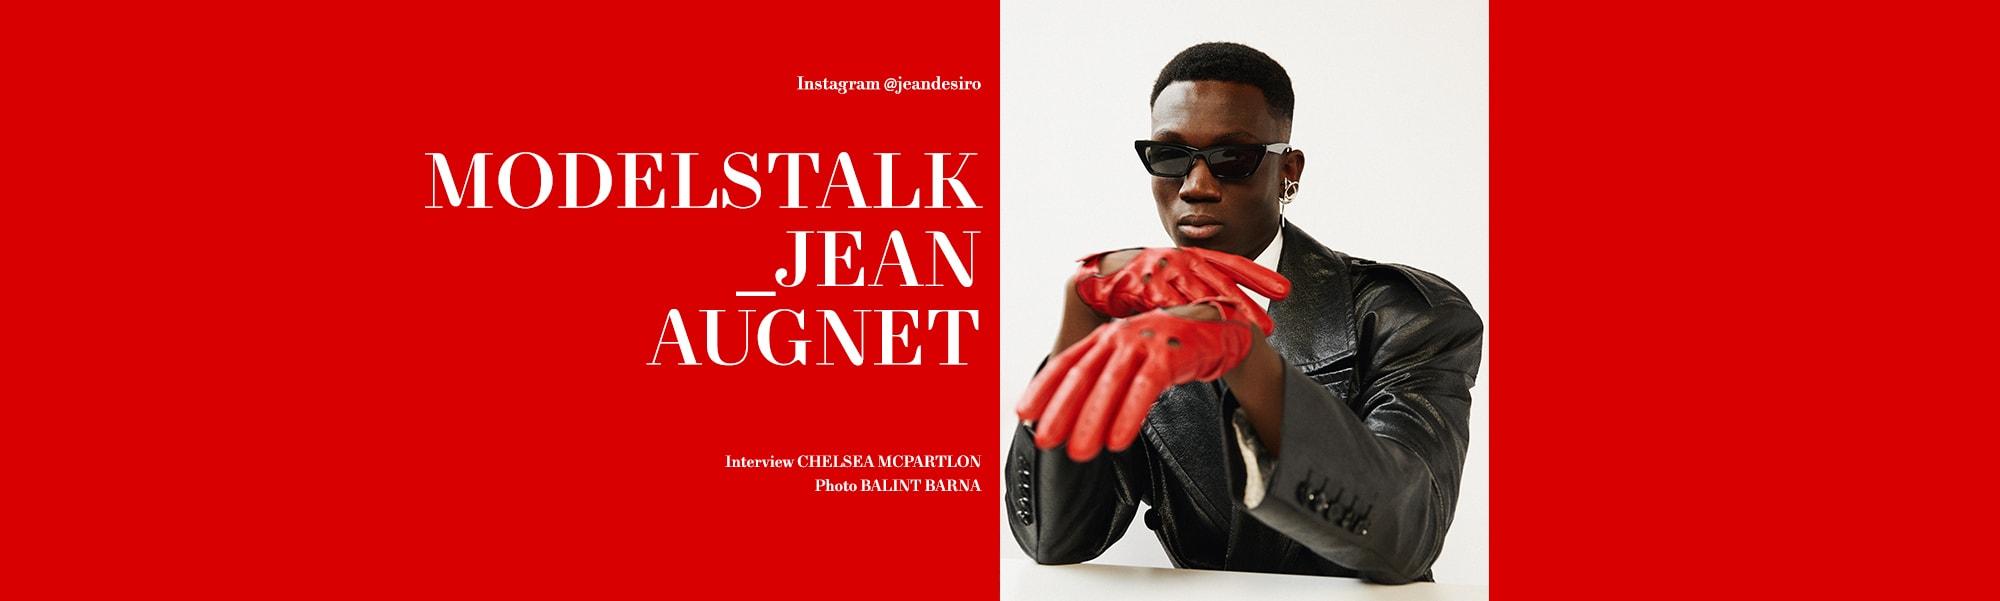 thegreatestmagazine_talkingheads_JeanAugnet_1